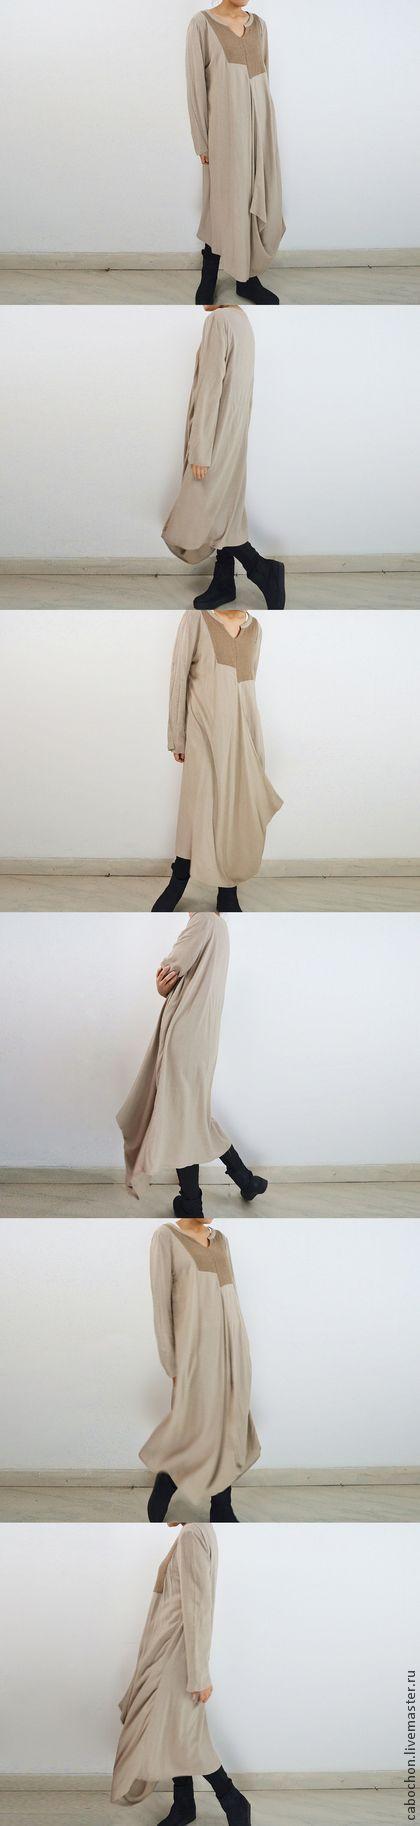 Платья ручной работы. Ярмарка Мастеров - ручная работа Платье льняное необычного асимметричного кроя в двух цветах. Handmade.